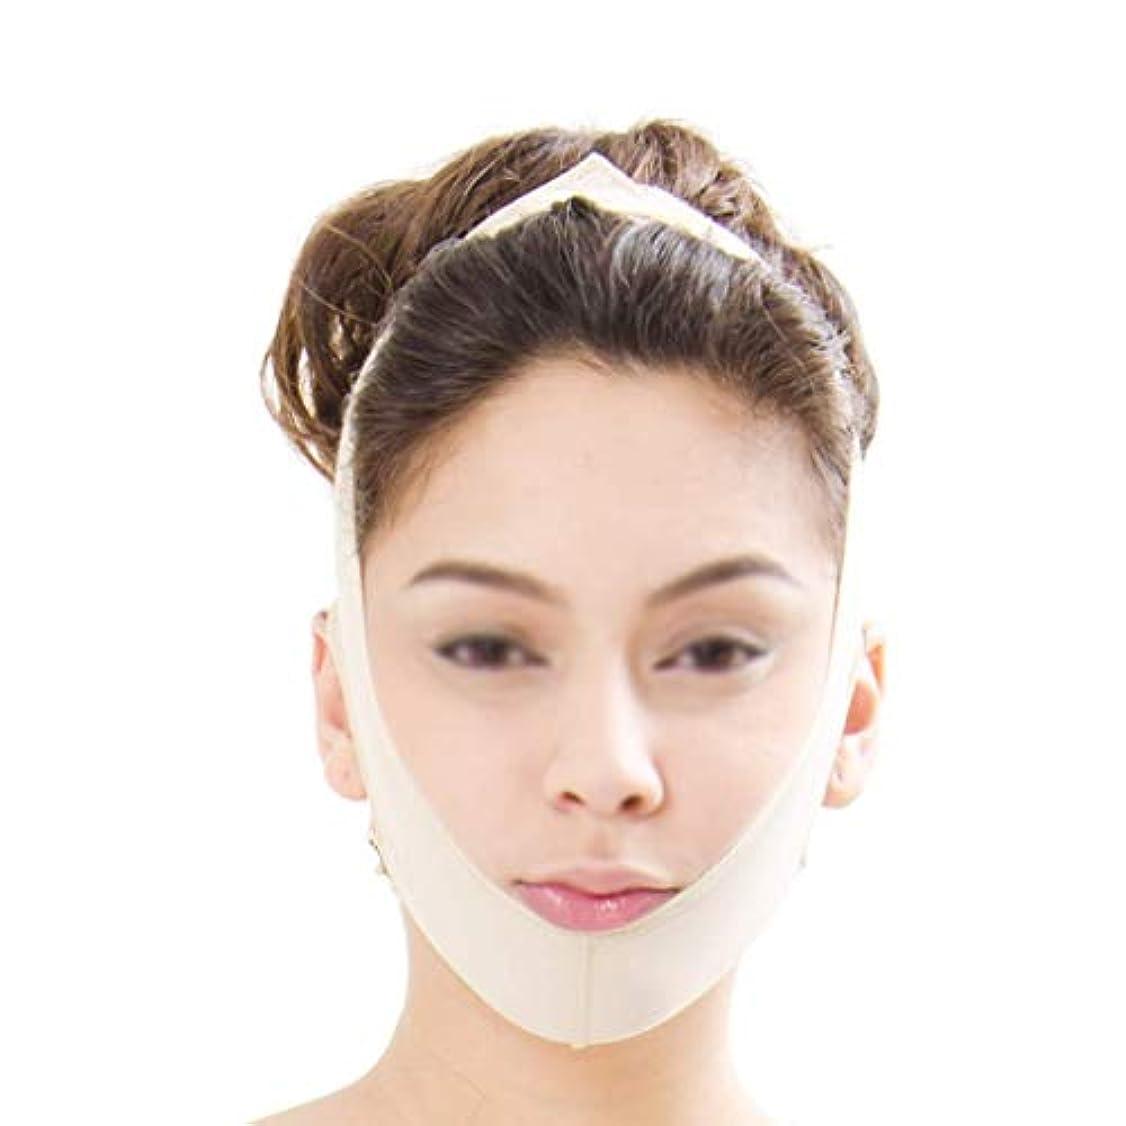 支払うコマンド答えフェイススリミングバンデージ、フェイスリフティングマスク、フェイスリフティングバンデージ、フェイシャル減量マスク、ダブルチンケア減量(サイズ:M),S